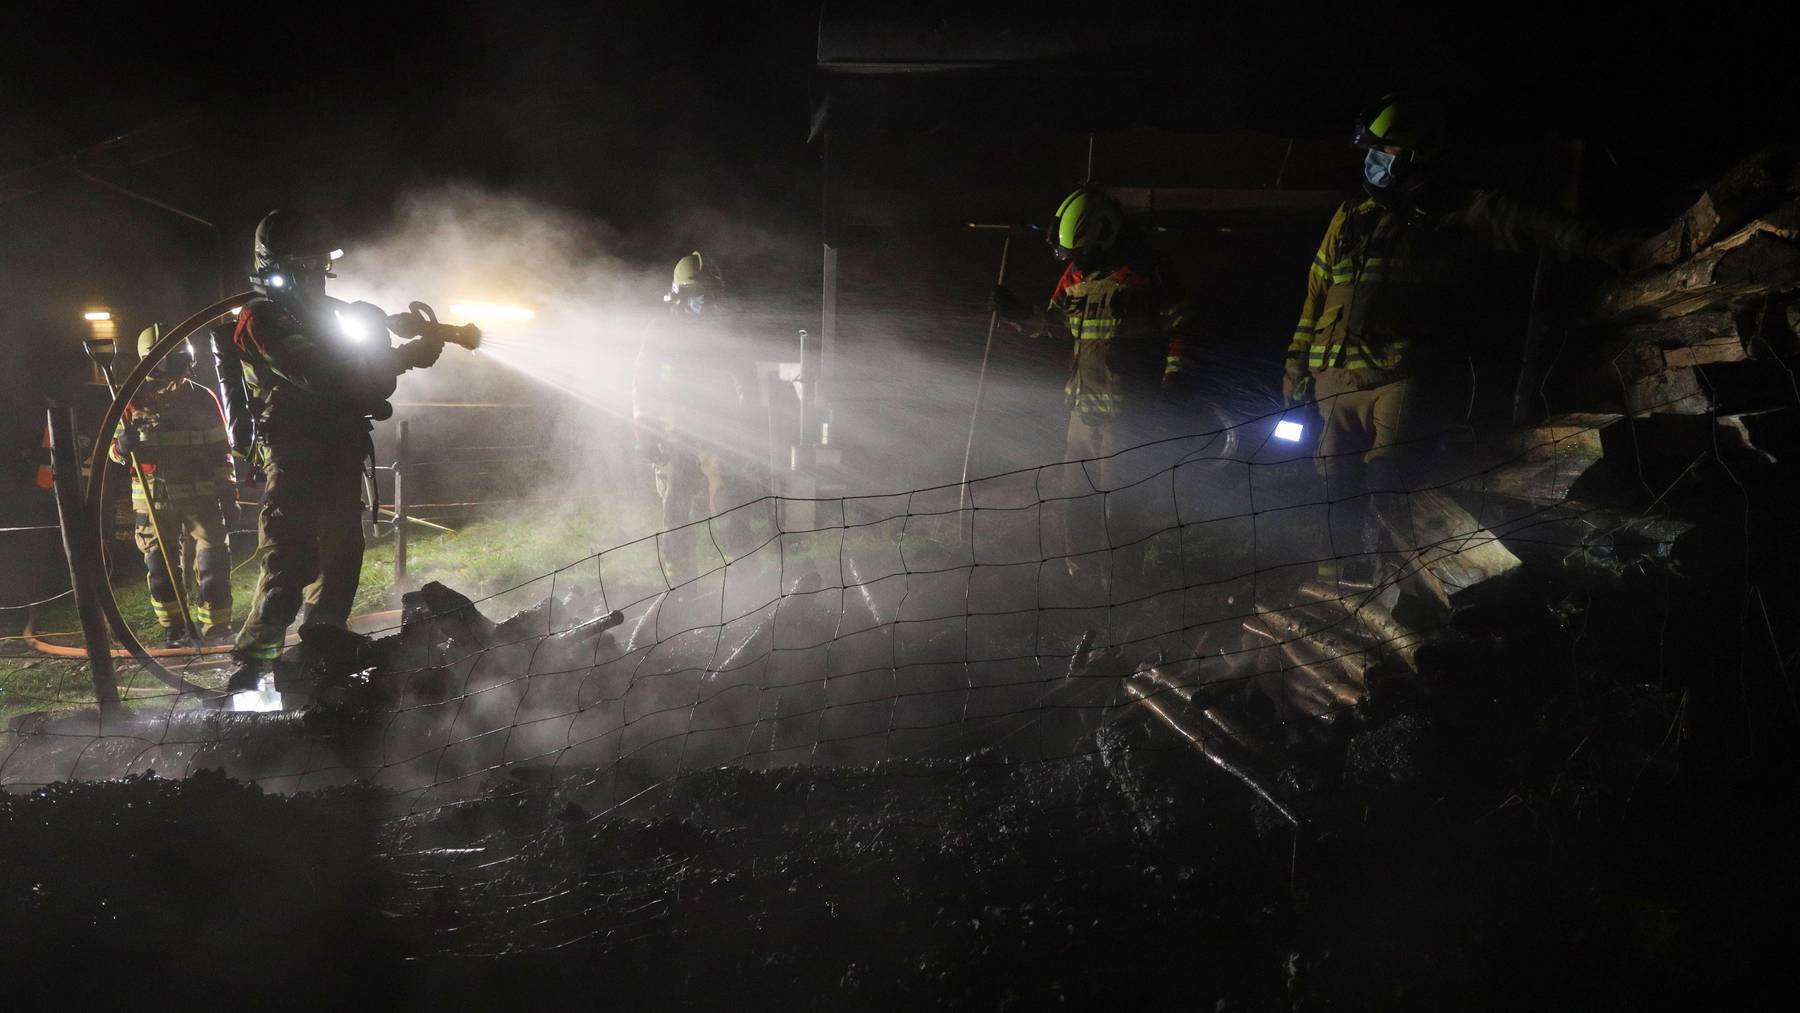 Der brennende Stapel wurde rasch gelöscht.